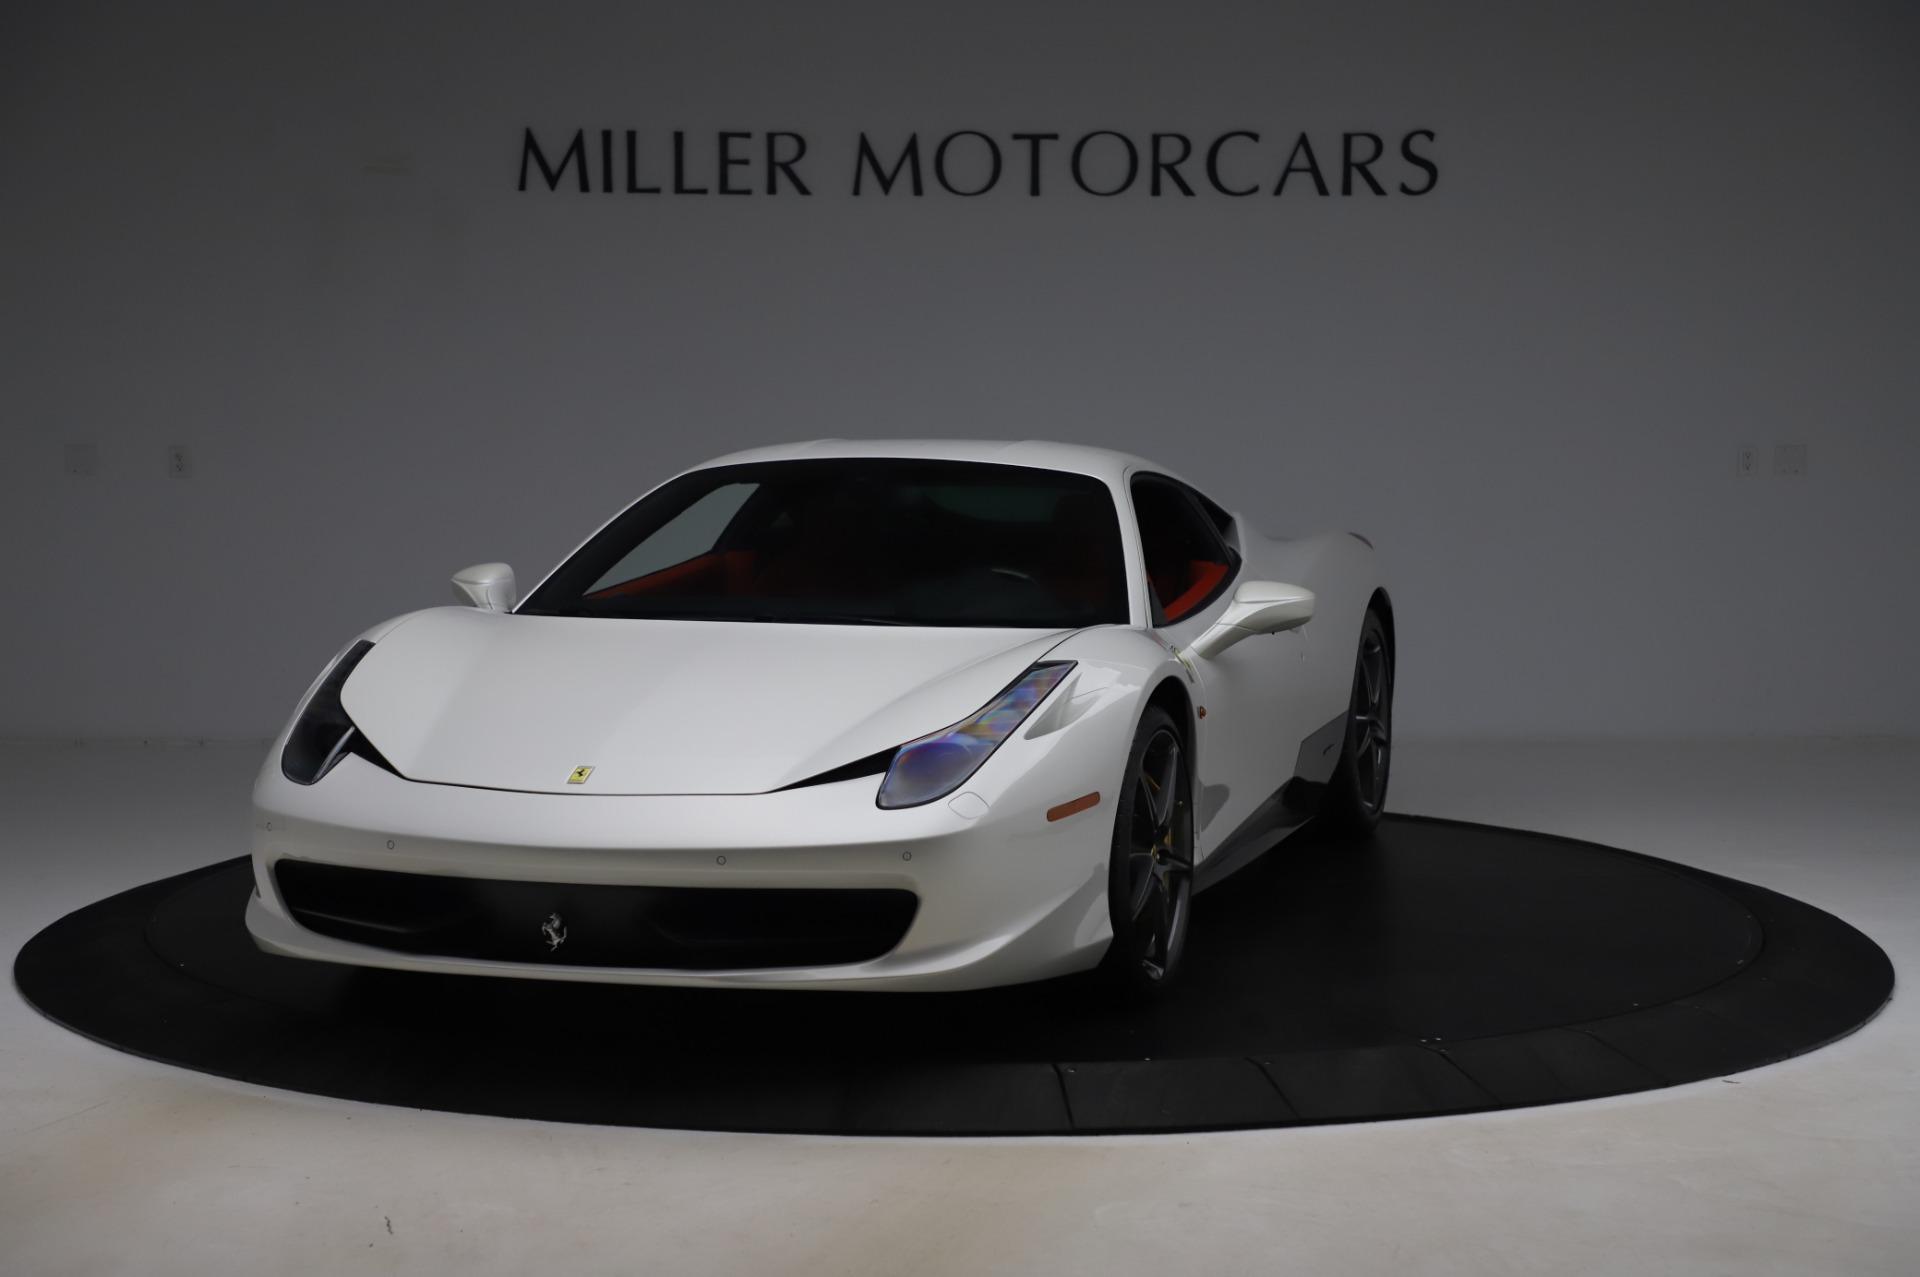 Used 2013 Ferrari 458 Italia for sale Sold at Maserati of Greenwich in Greenwich CT 06830 1